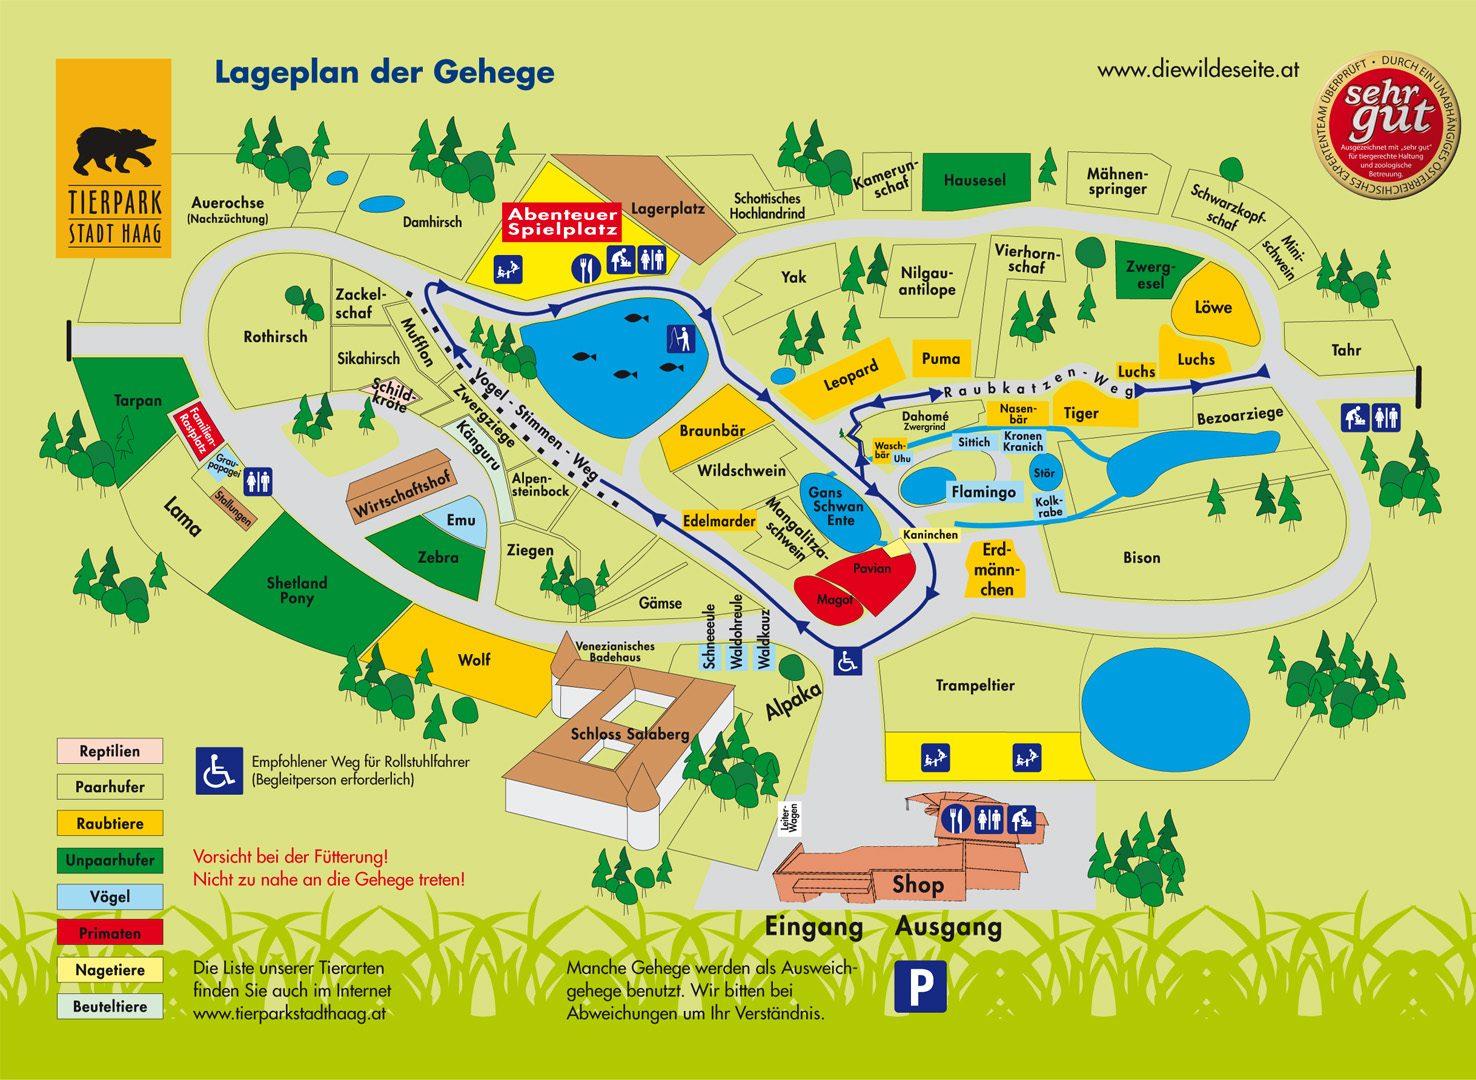 Tierpark Stadt Haag Gehegeplan